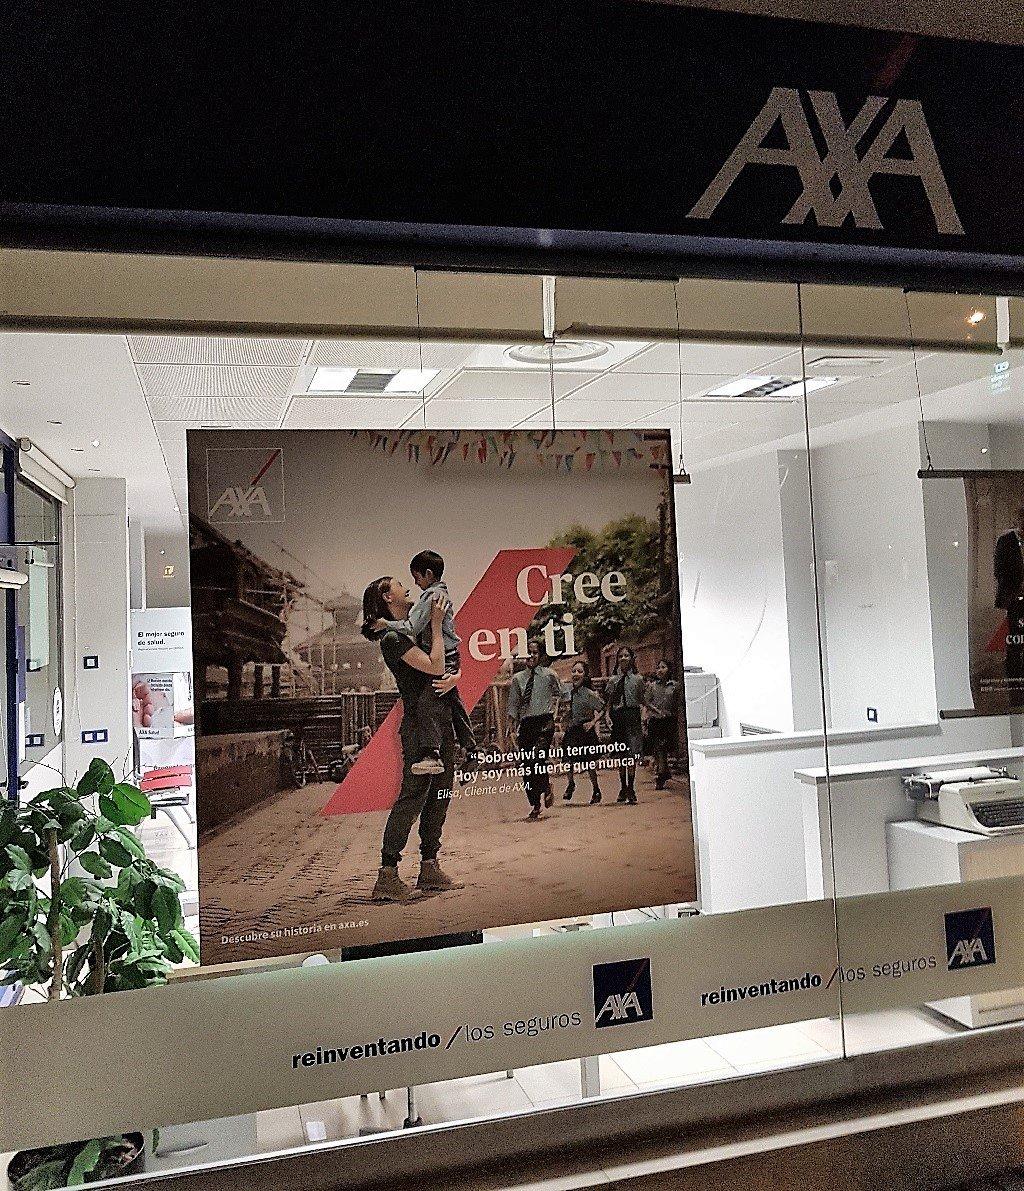 Ejemplo de publicidad en escaparates de Axa-Seguros